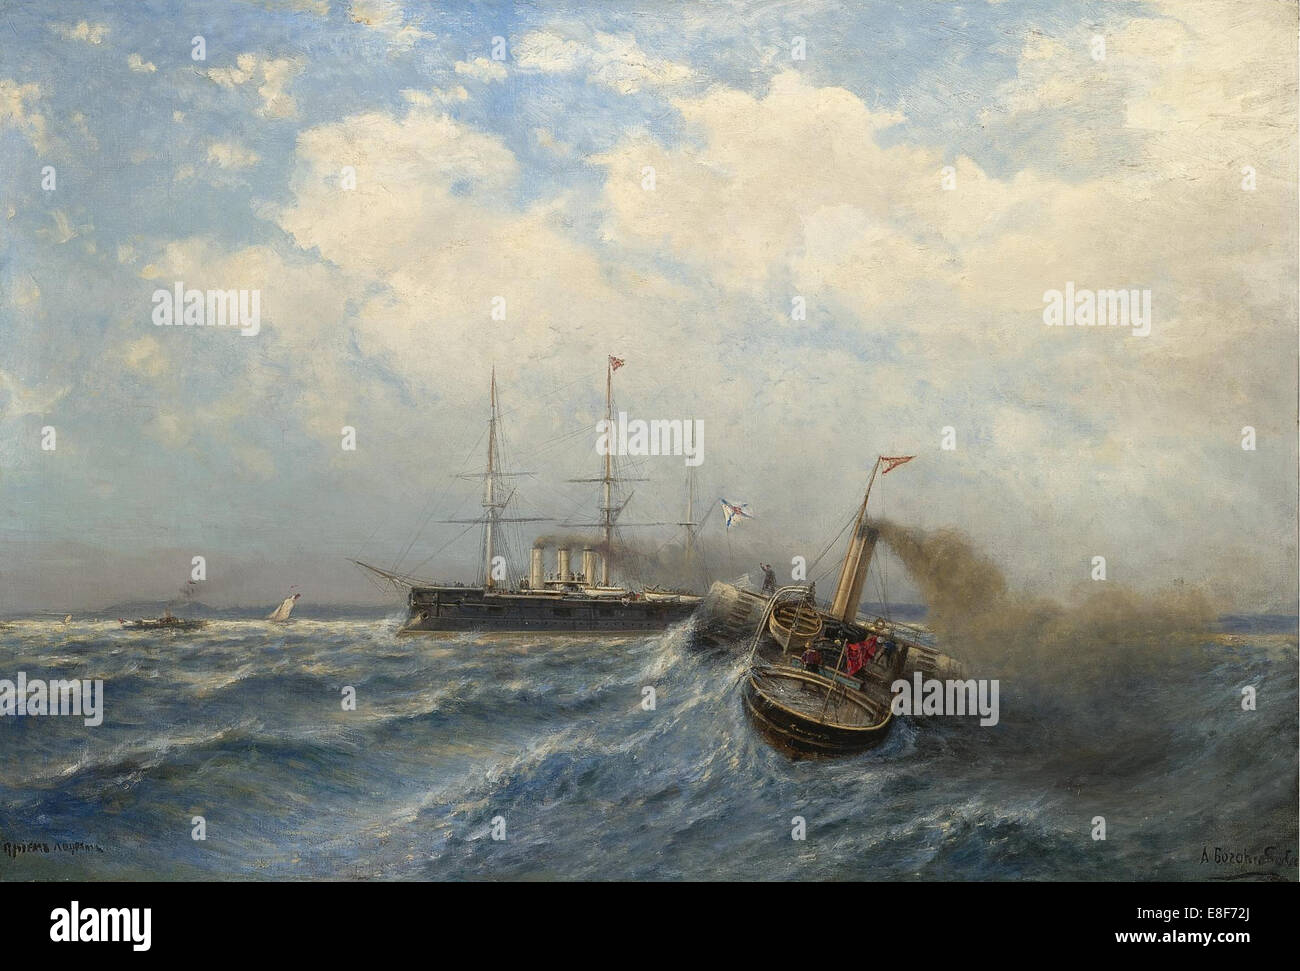 Pilot boarding. Artist: Bogolyubov, Alexei Petrovich (1824-1896) - Stock Image